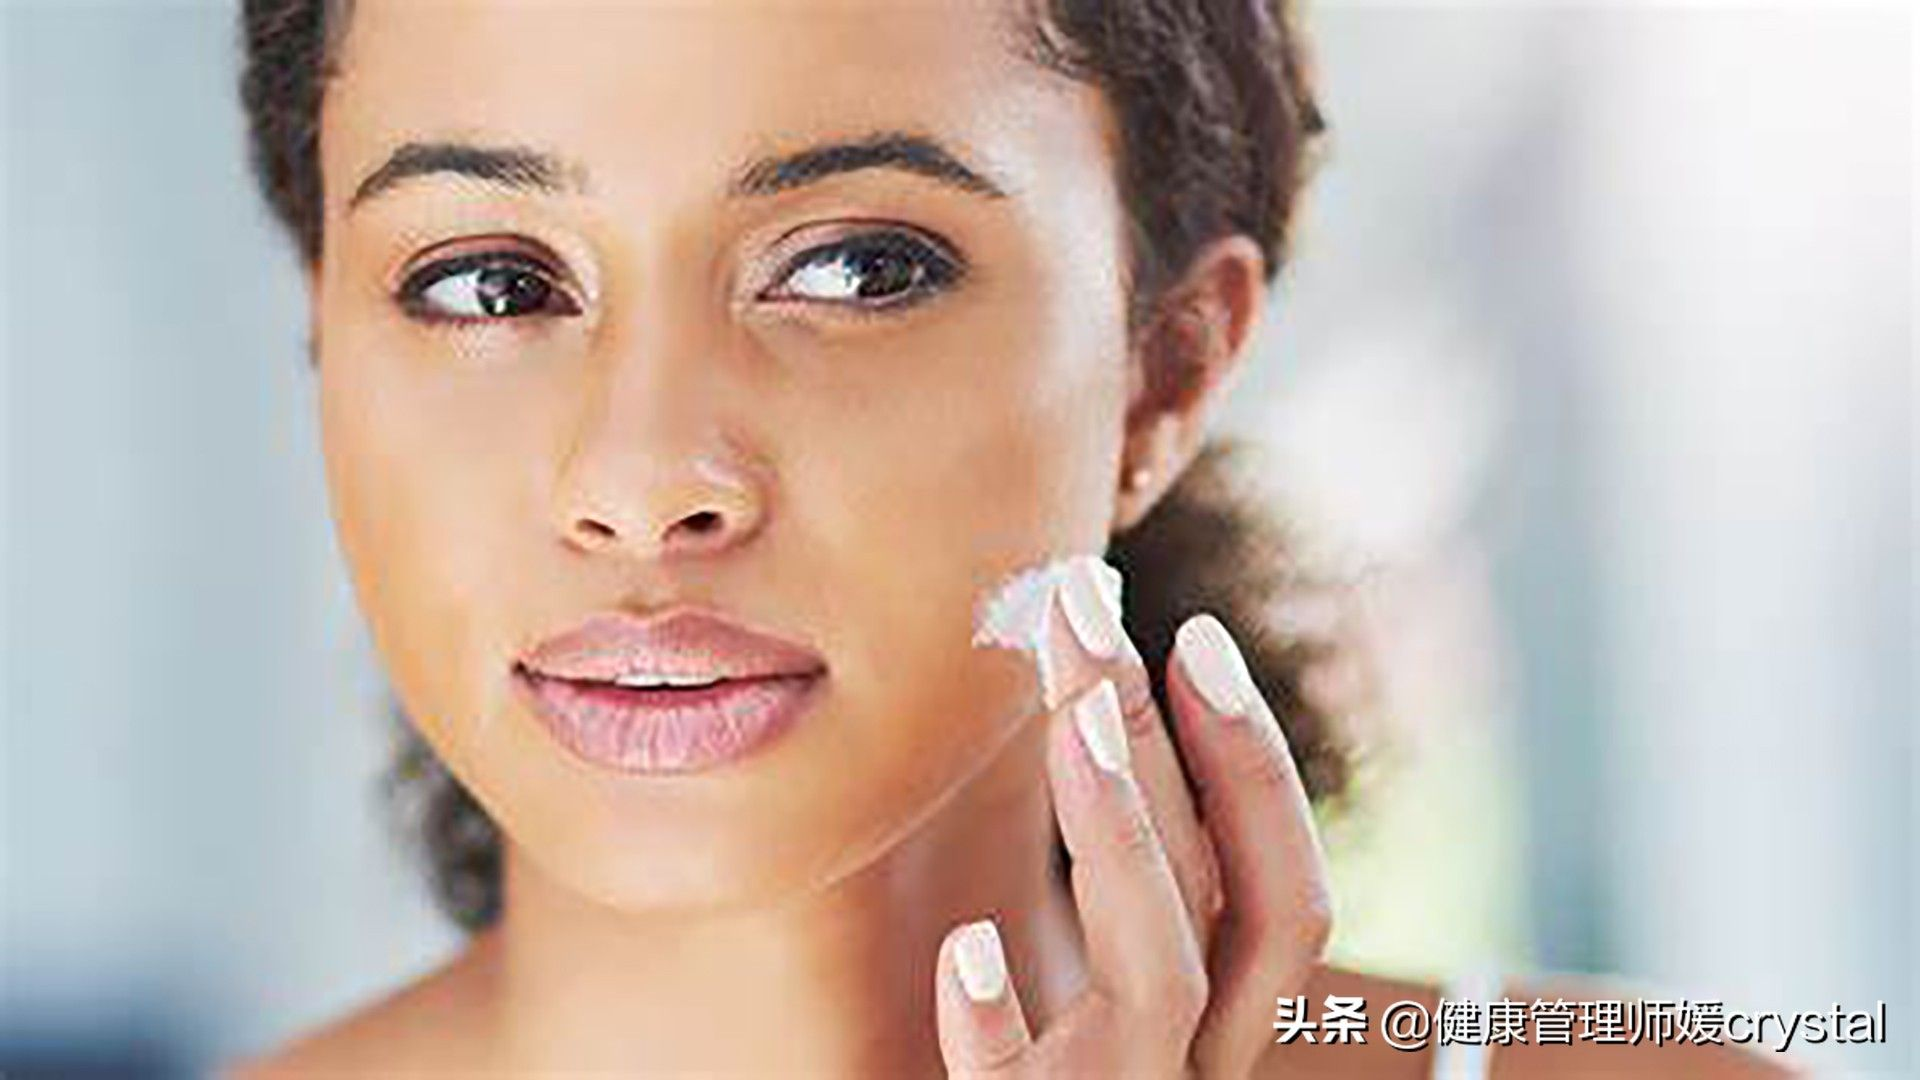 春天皮肤干燥起皮,如何补水?2个方法,快速补充水分